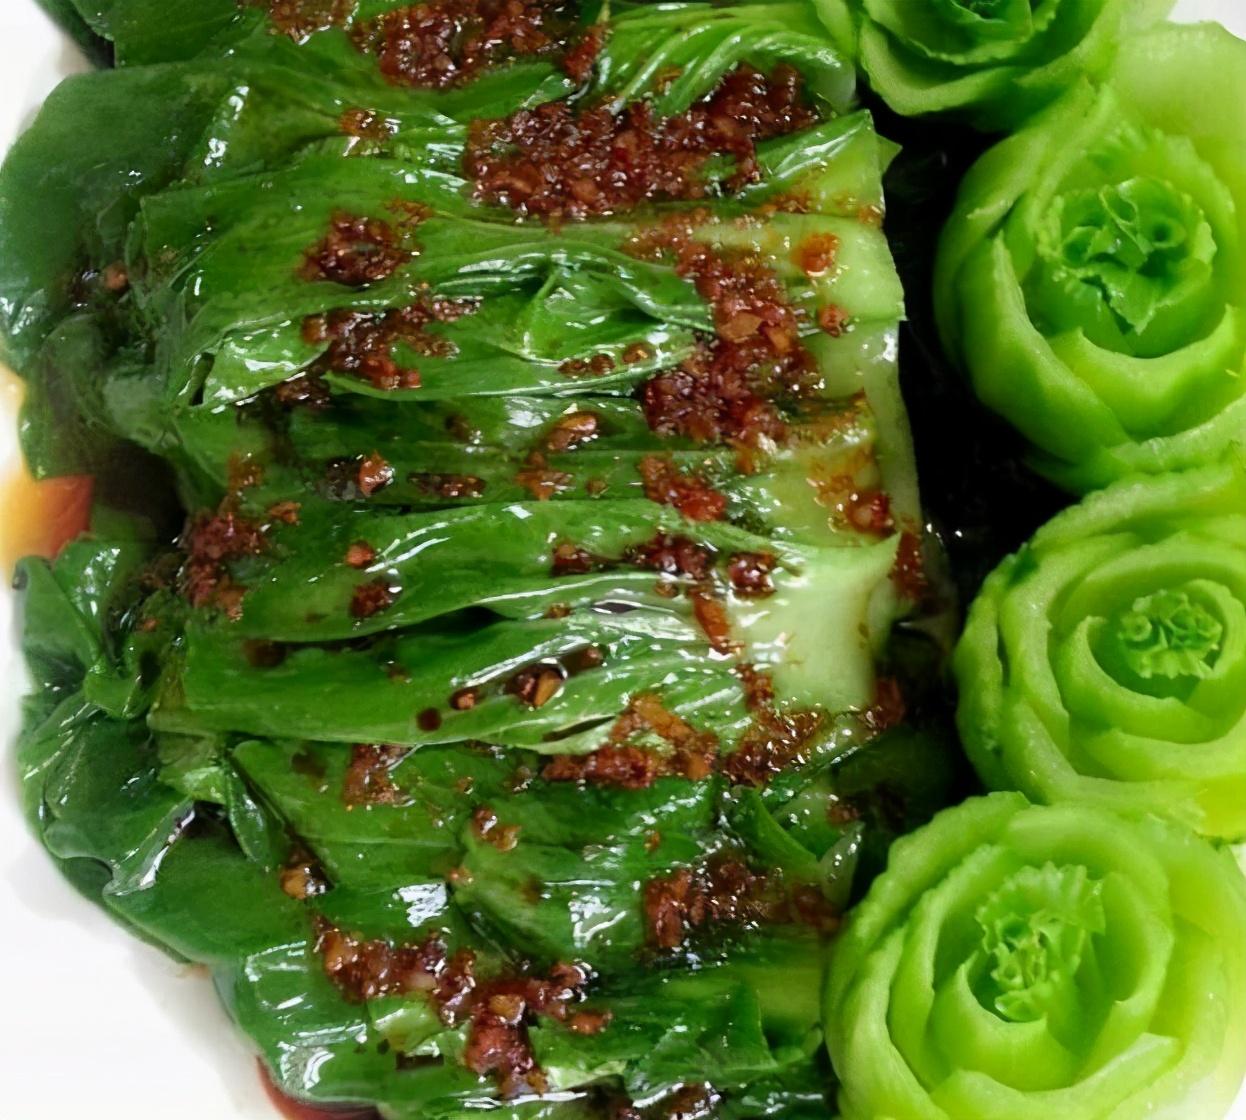 32款菜品推荐,好食材好味道高营养,为家人准备几道尝尝吧 美食做法 第16张